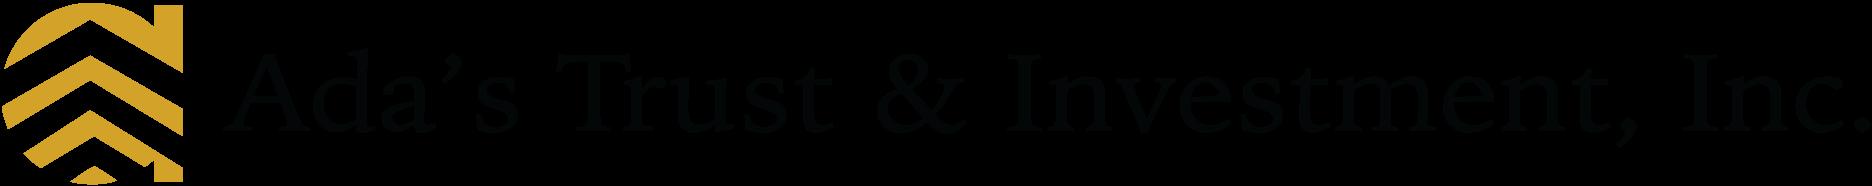 AdasTrustandInvestmentInc_logo